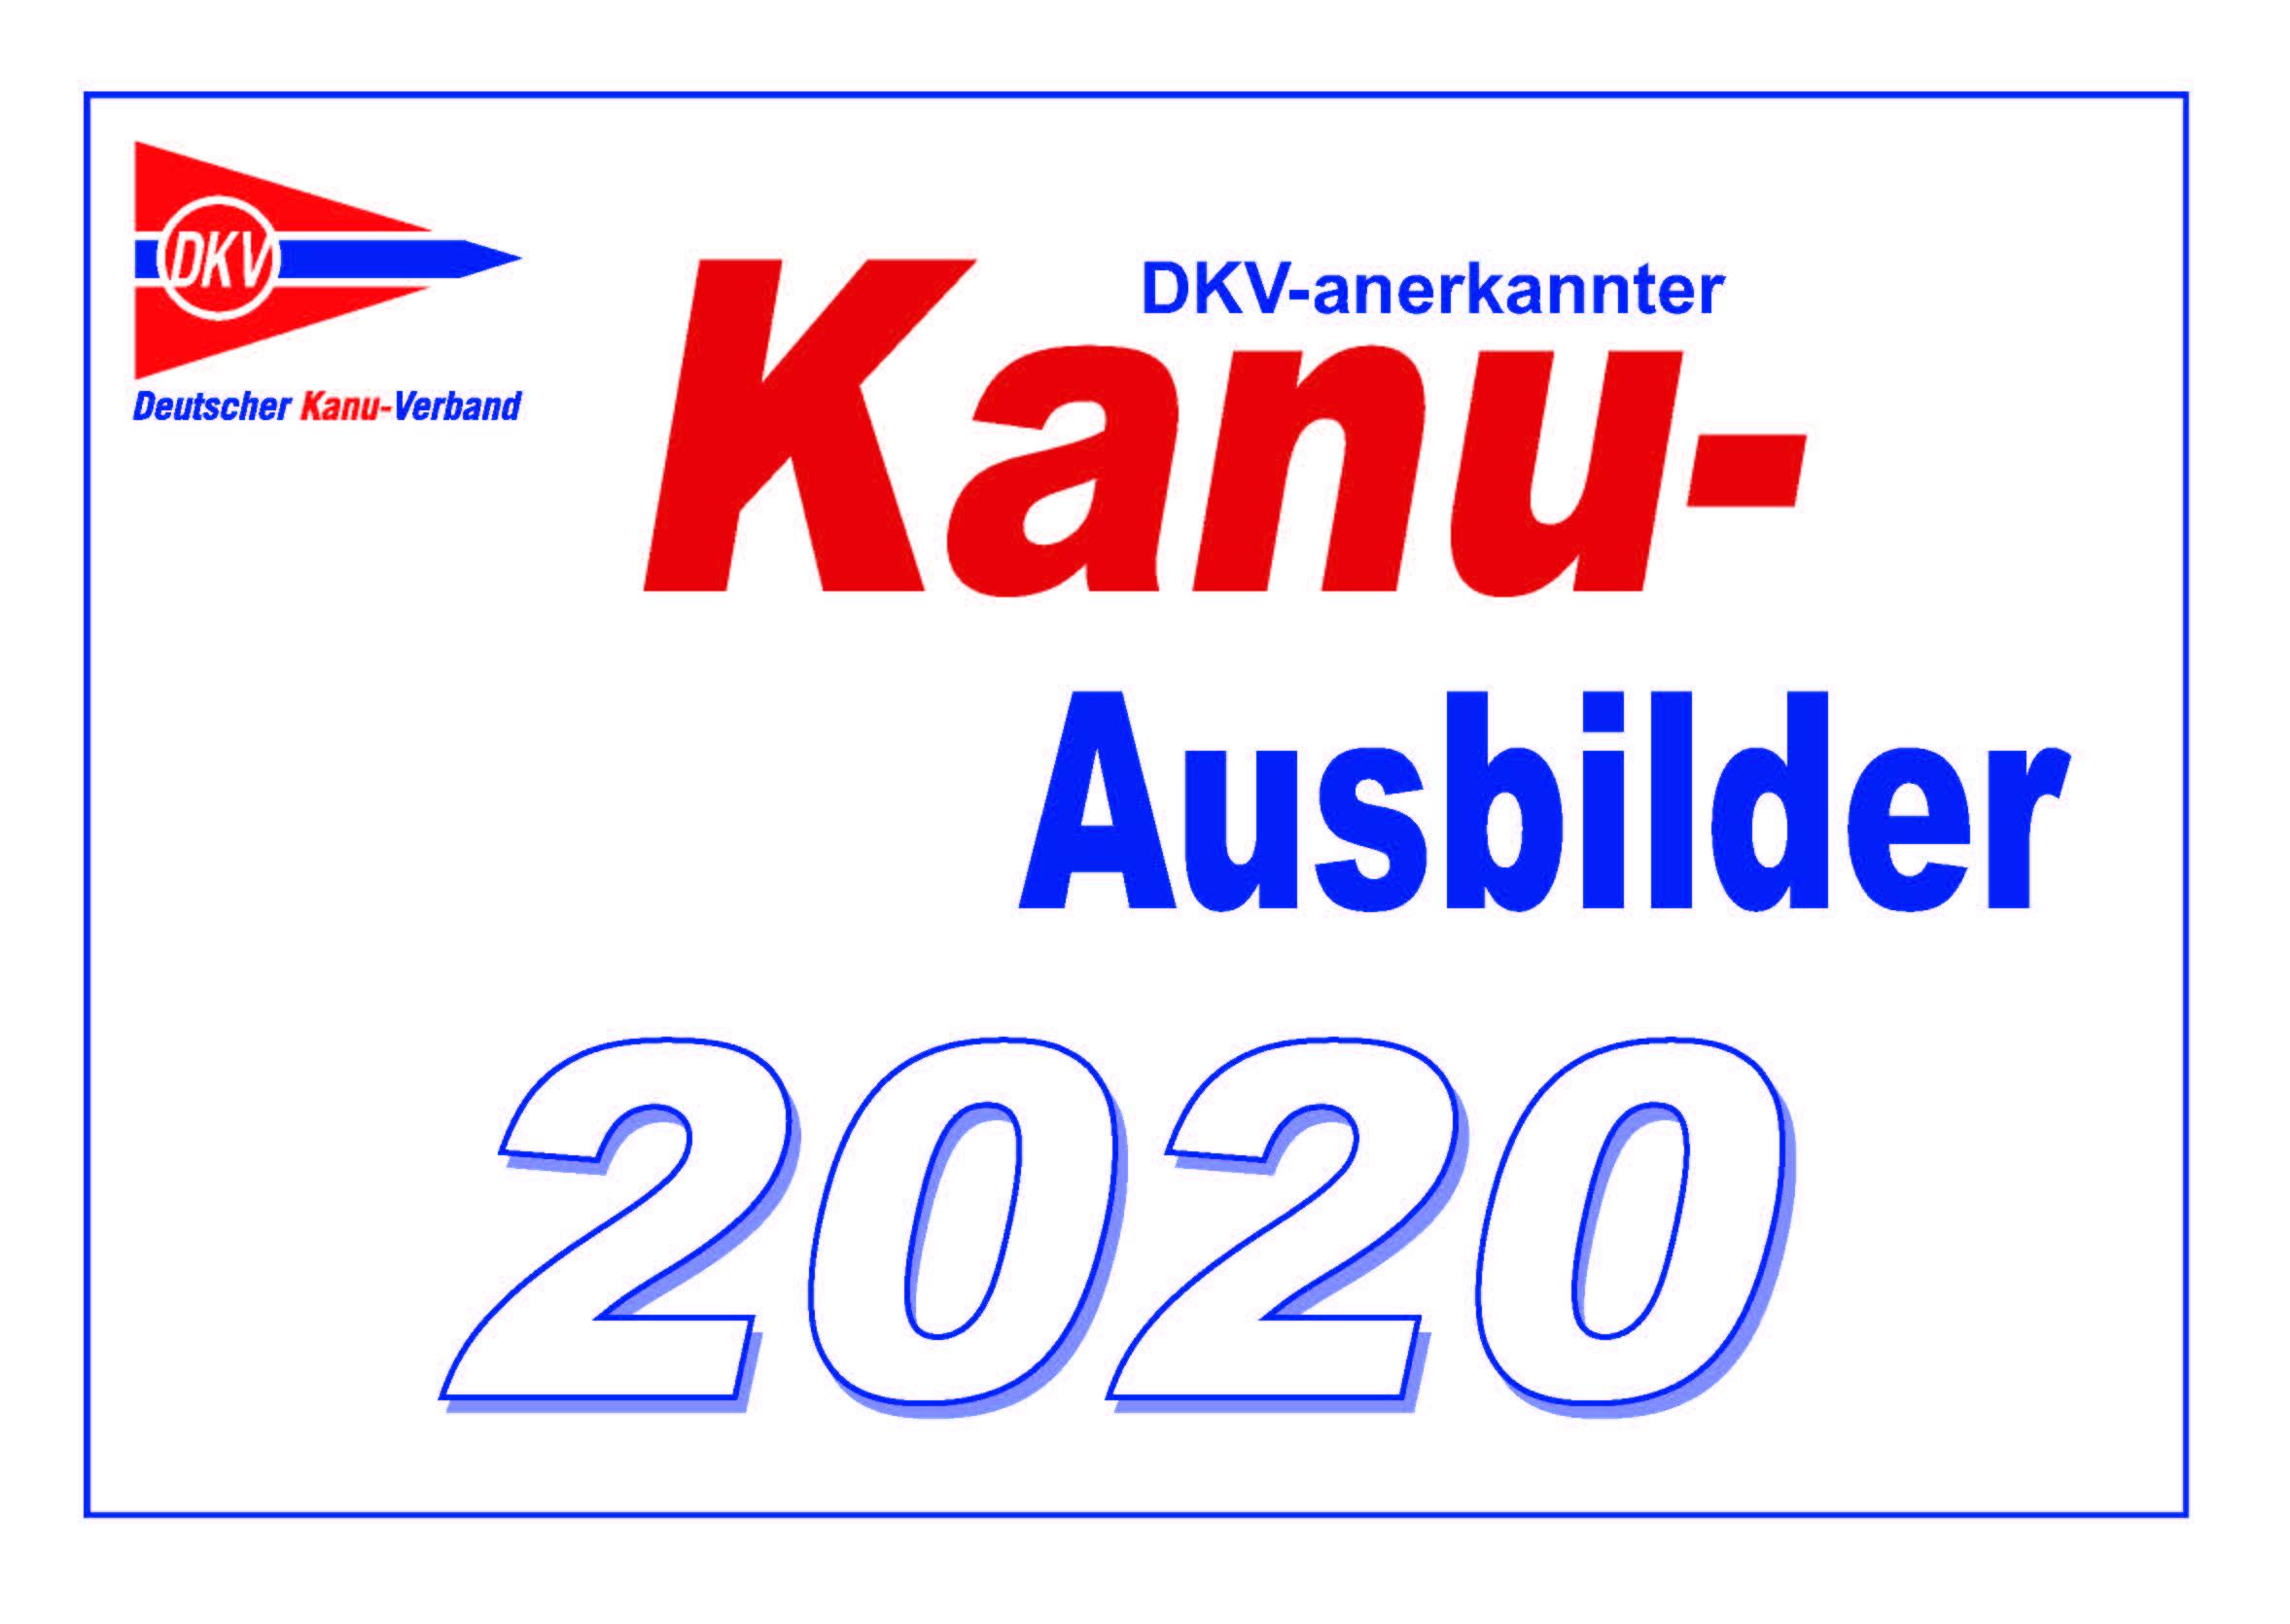 DKV anerkannter Kanu-Ausbilder